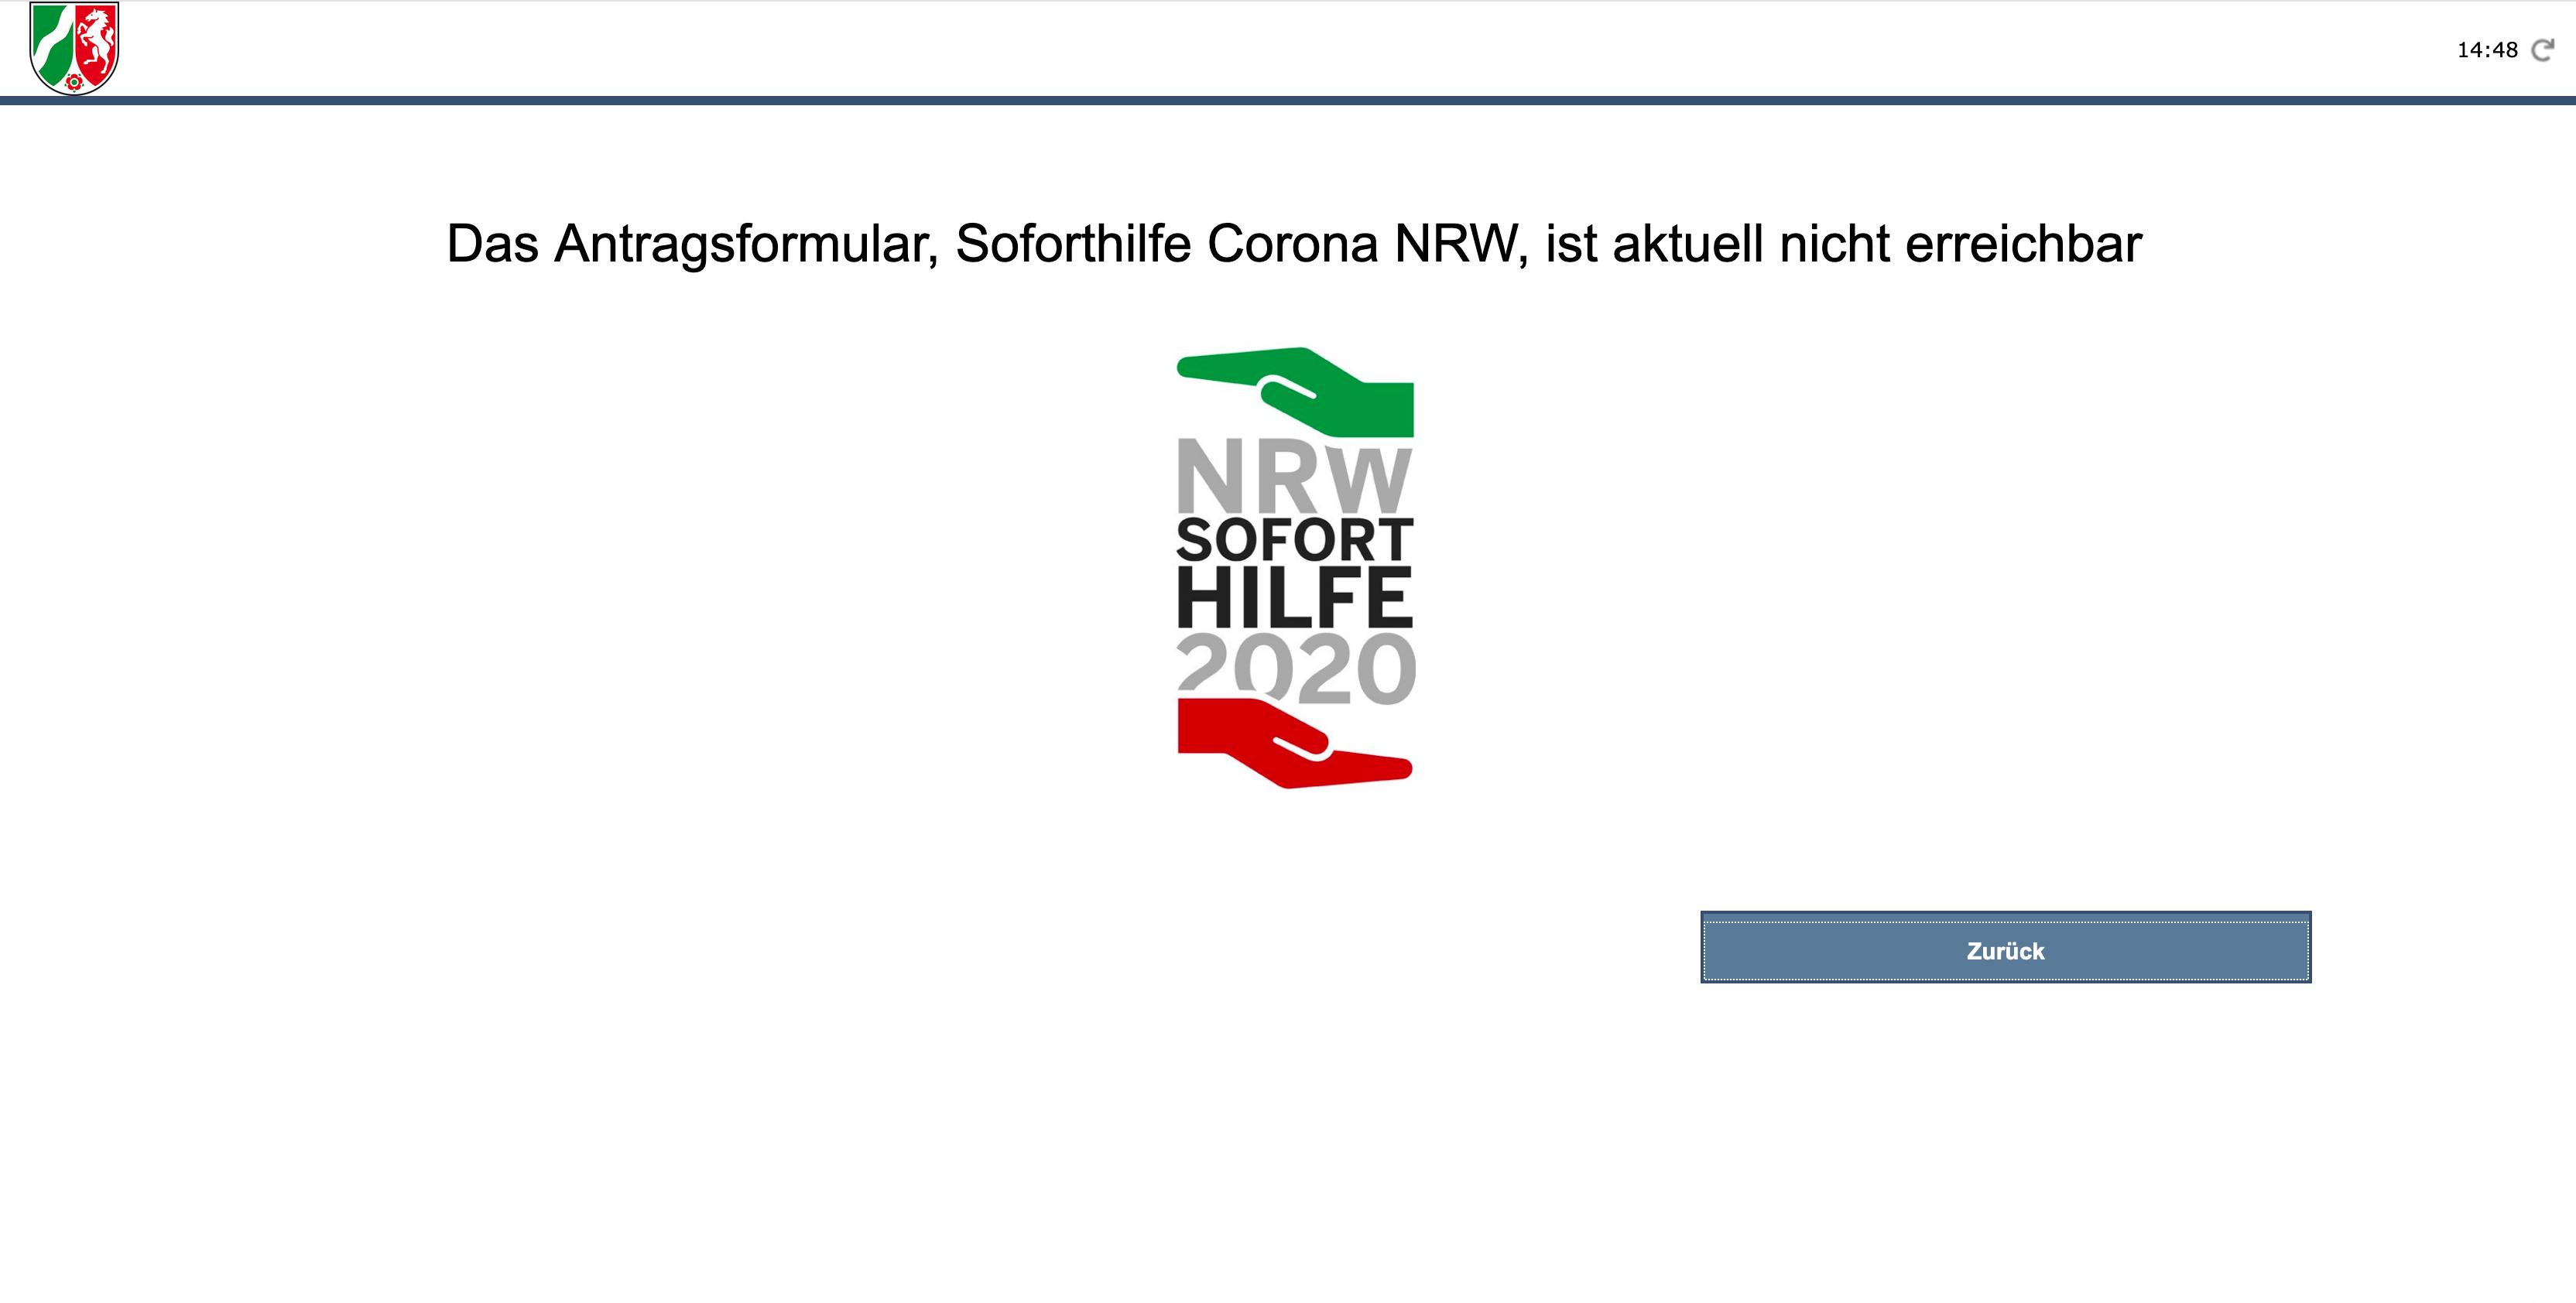 Antragsverfahren zur NRW-Soforthilfe gestoppt